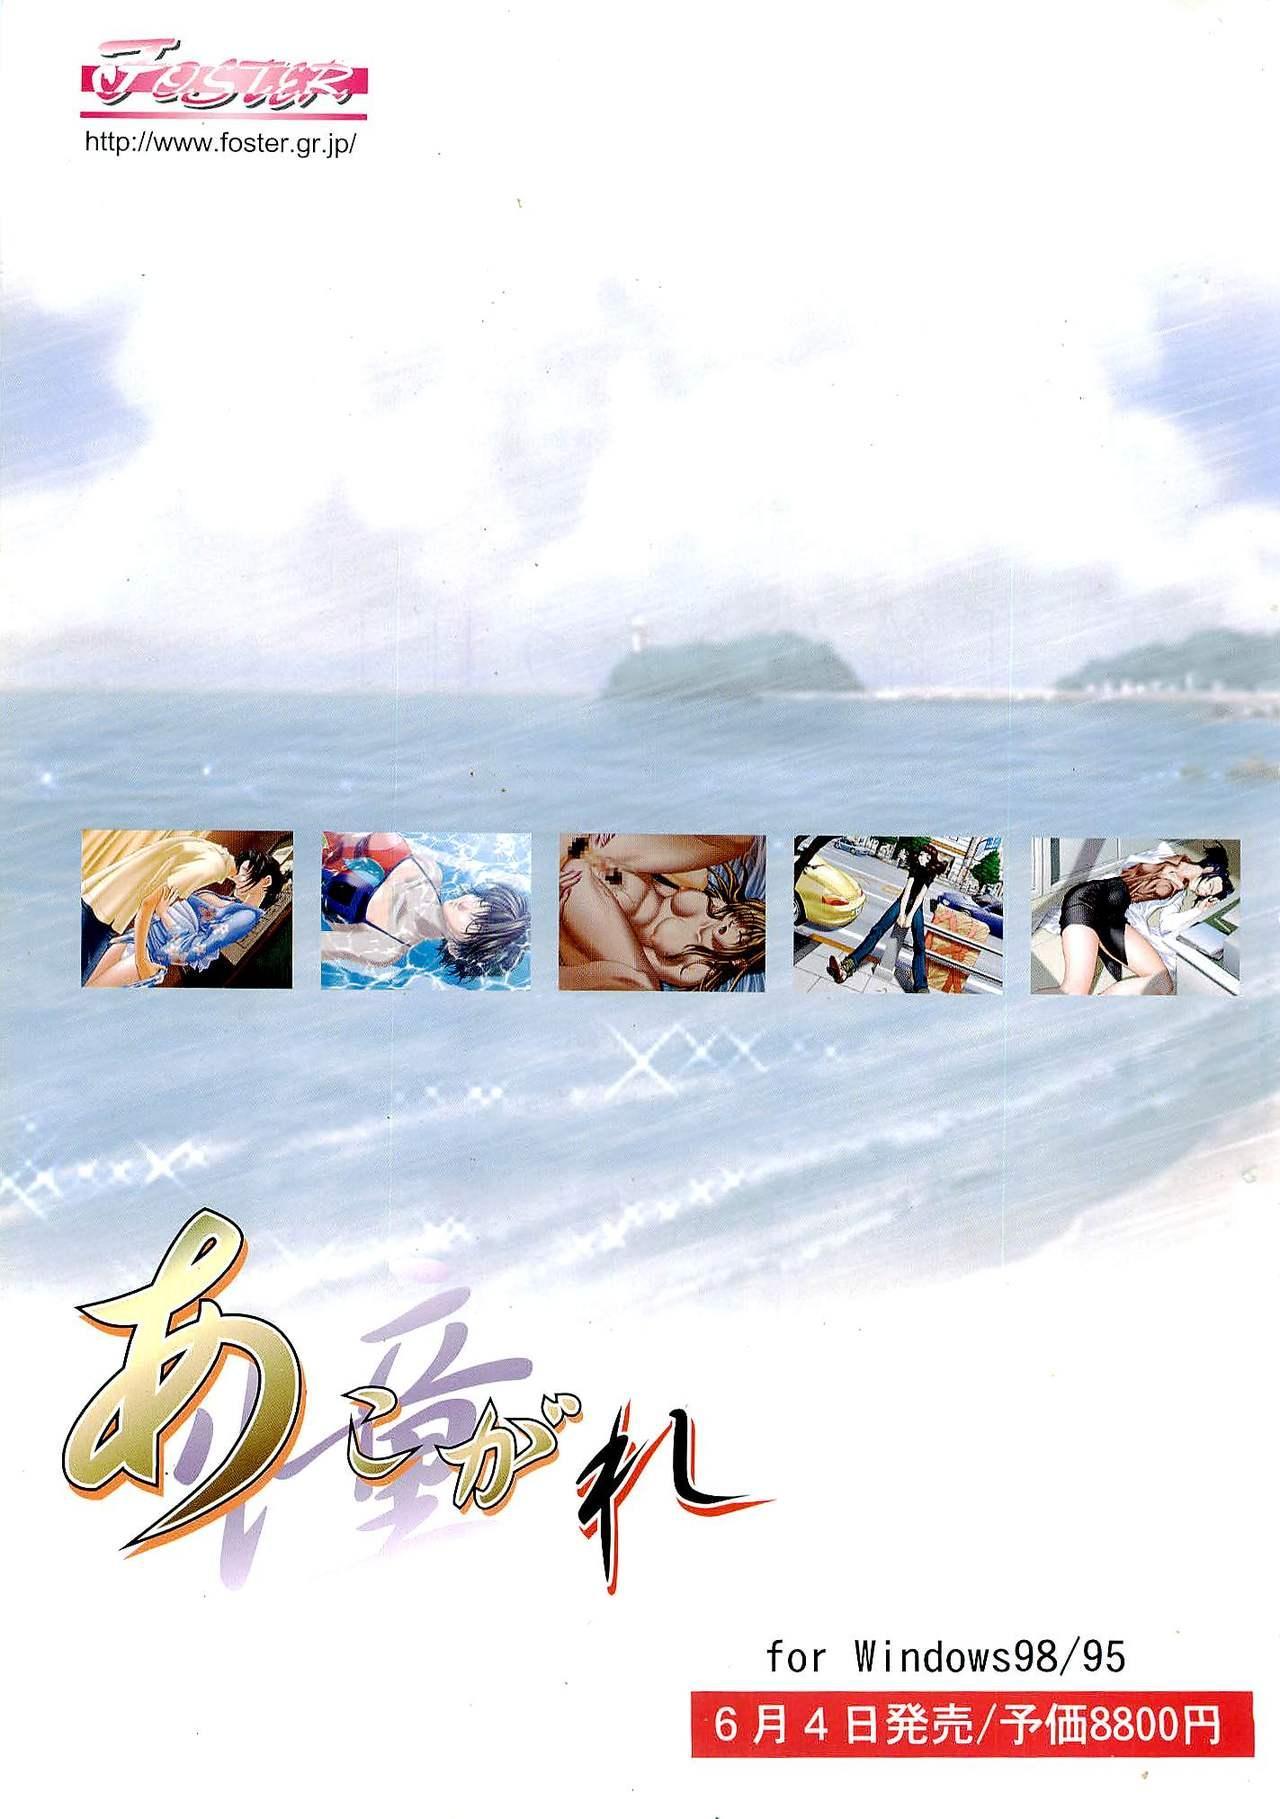 BugBug 1999-06 9